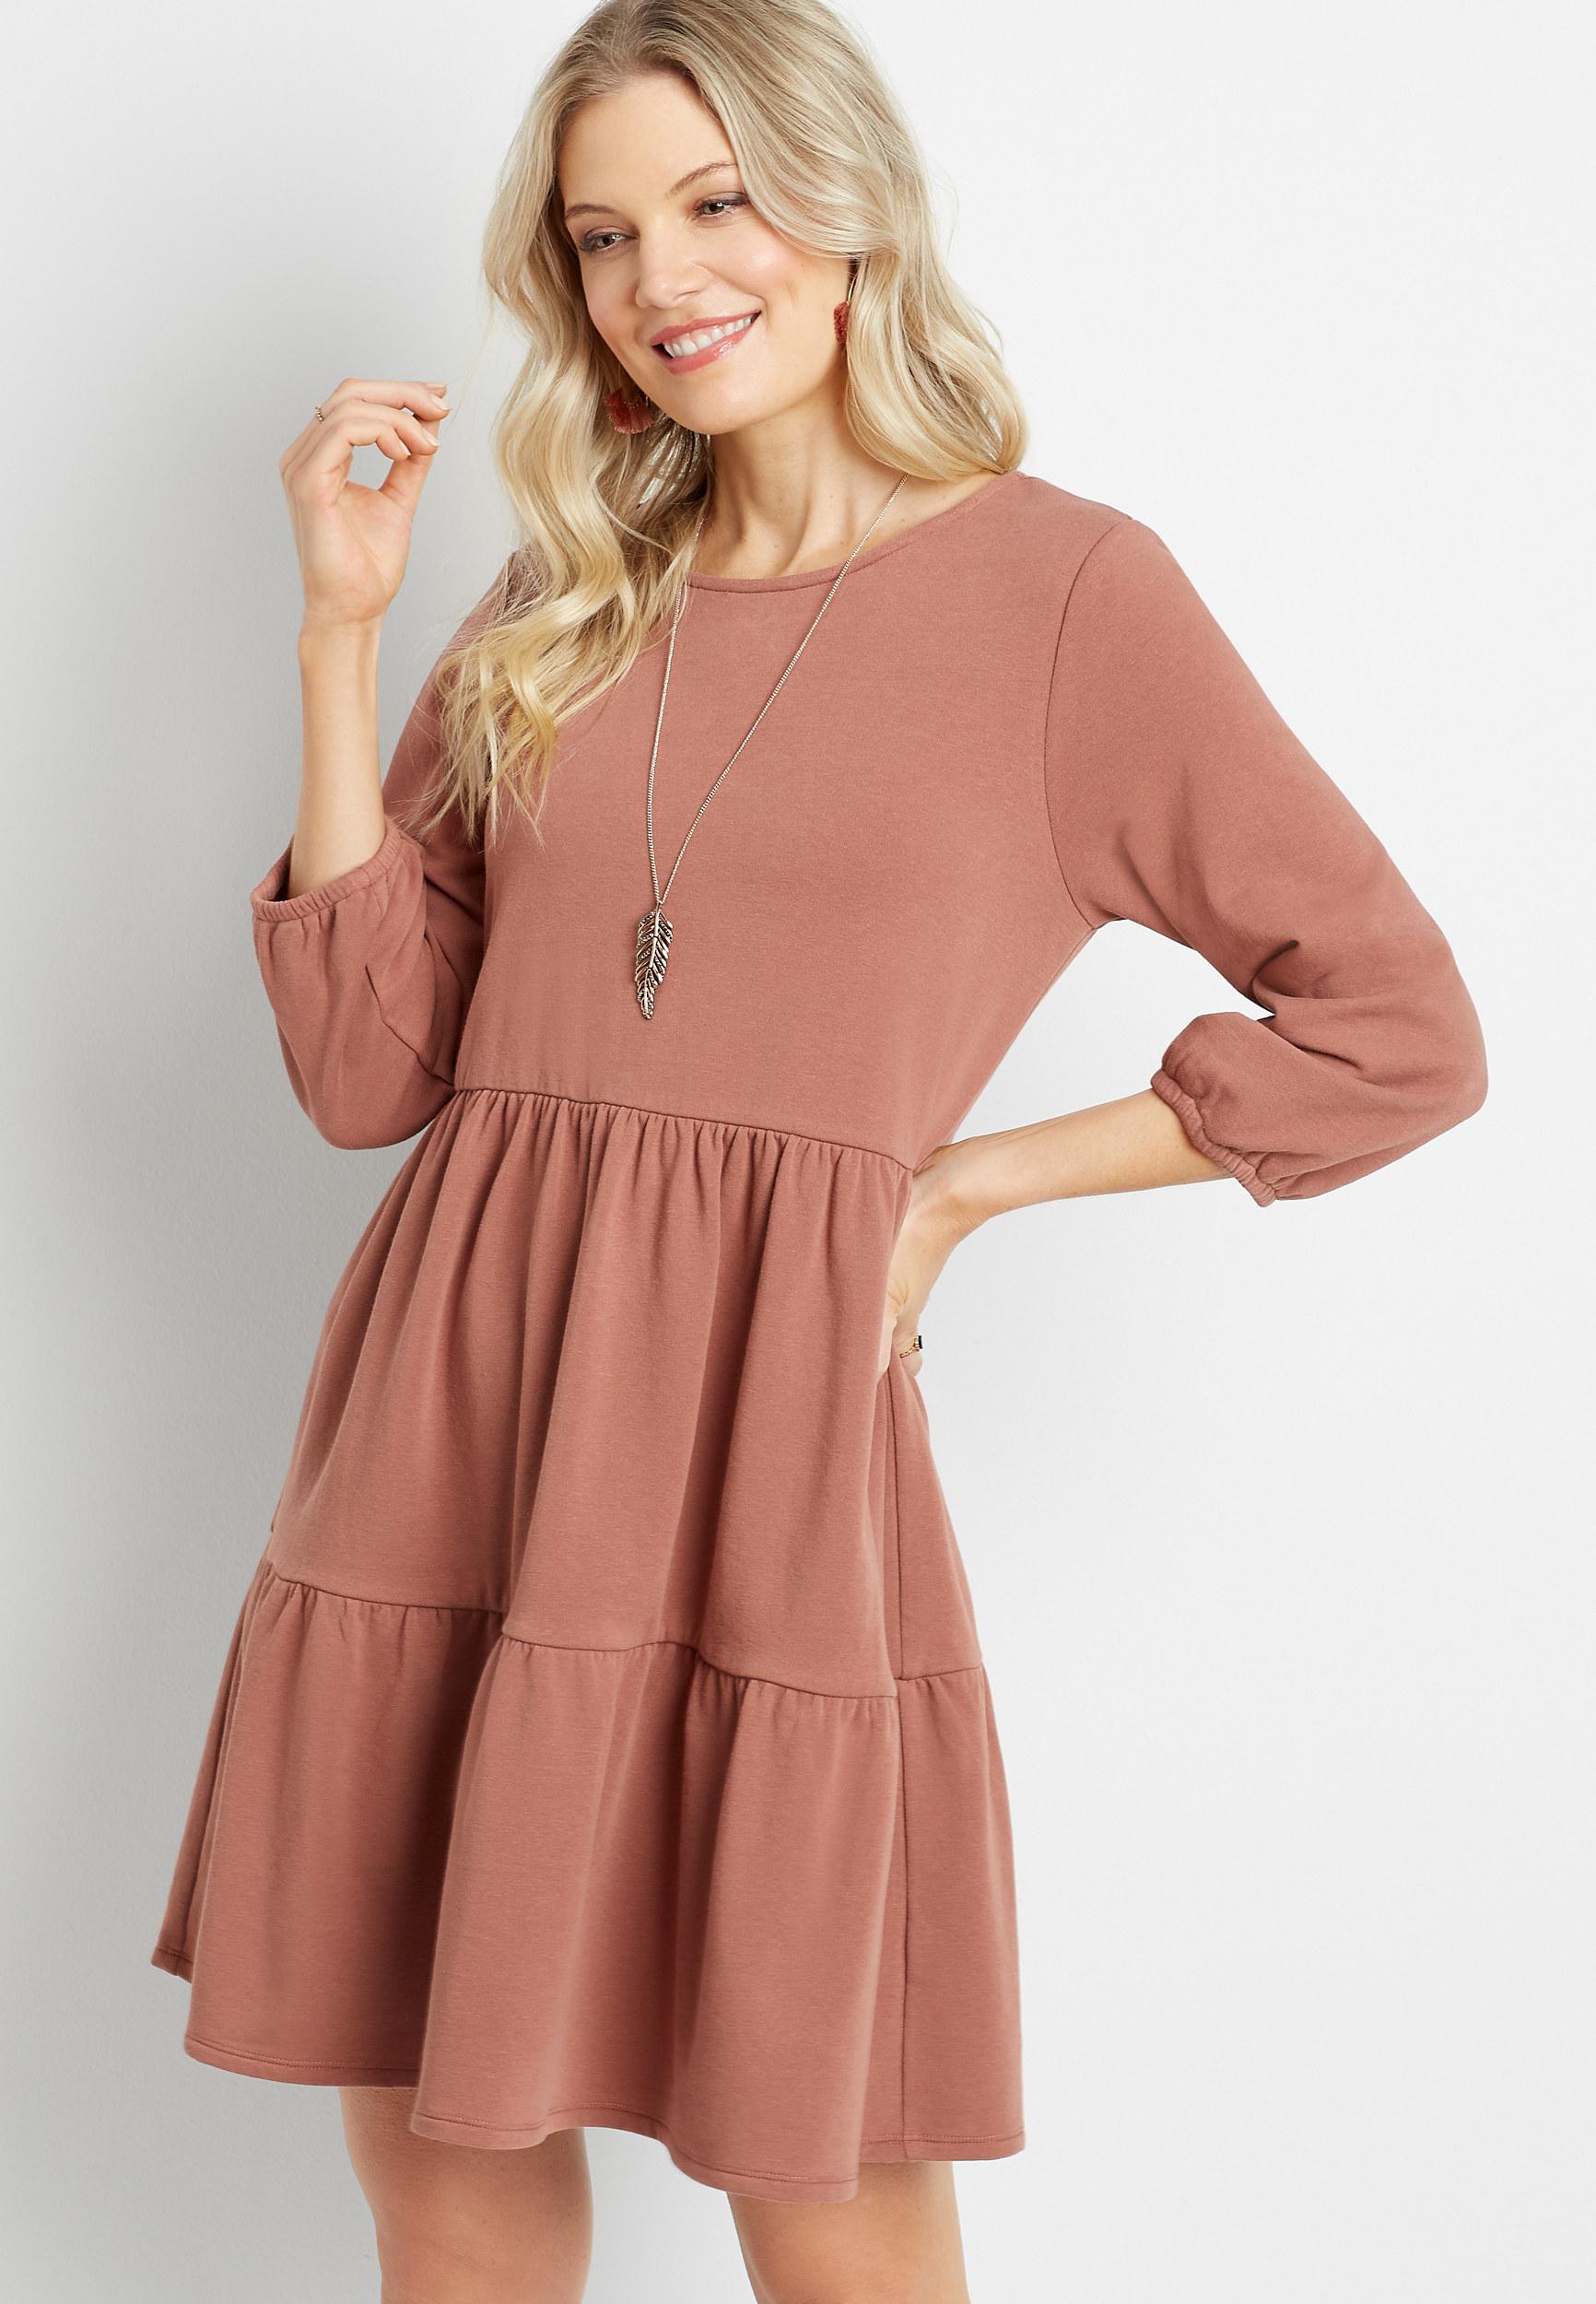 model wearing babydoll dress